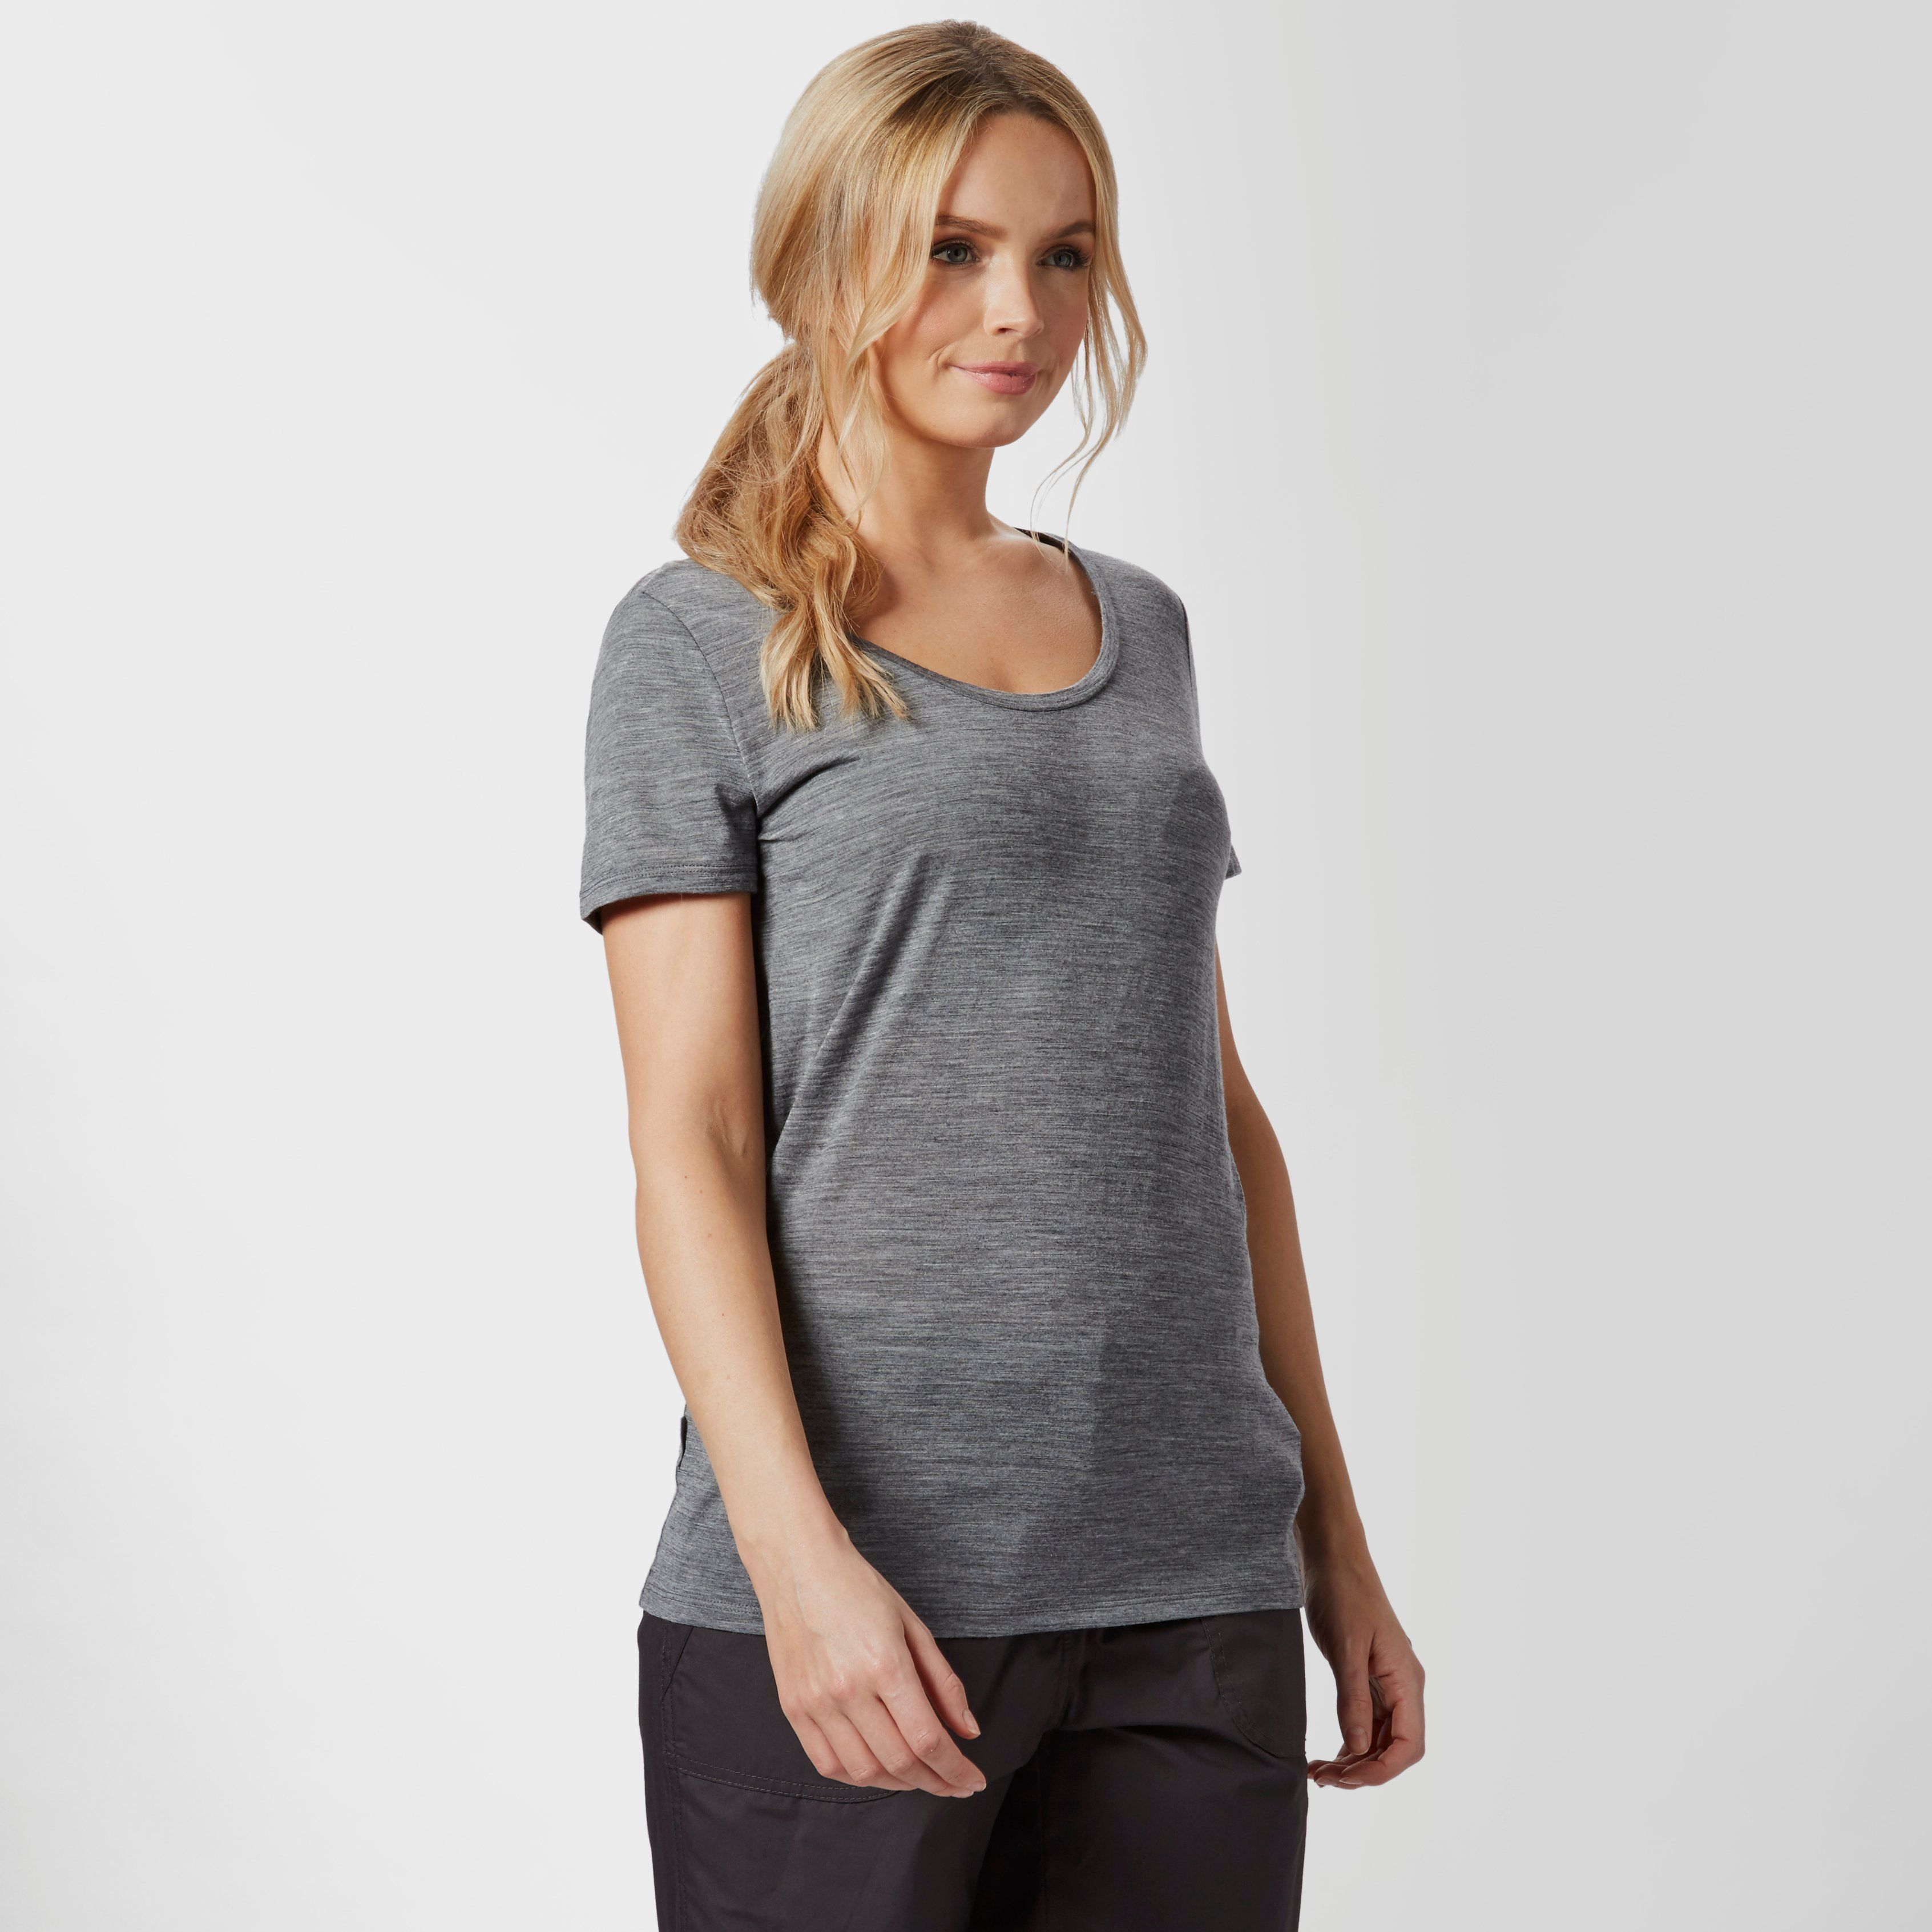 ICEBREAKER Women's Techlite Short Sleeve T-Shirt